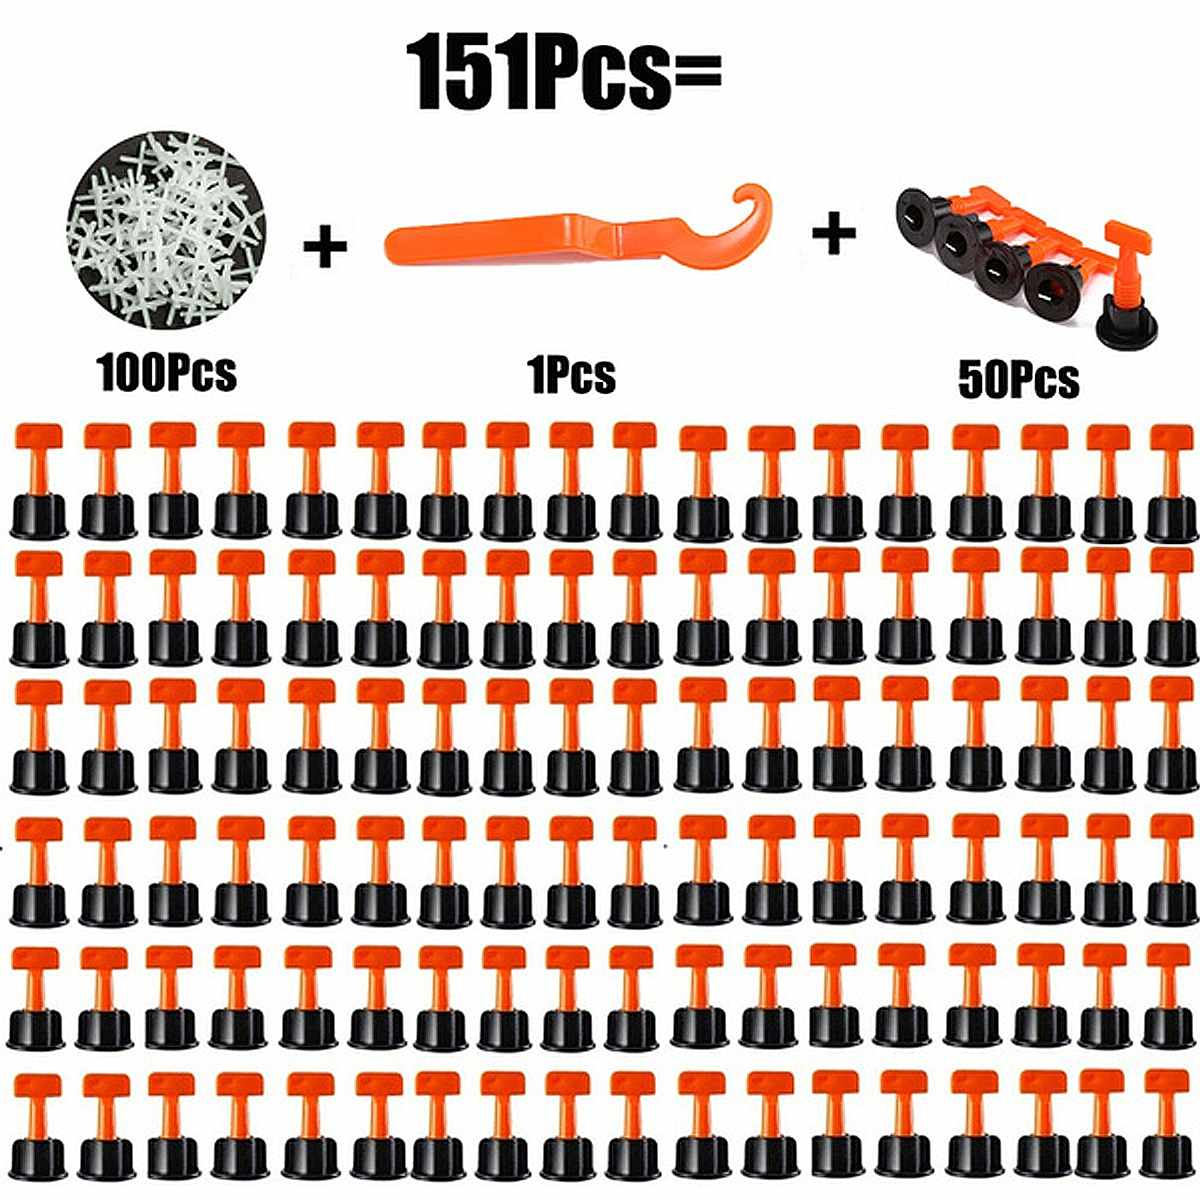 151 ks vodorovných klínů pro podložky na dlaždice pro podlahové dlaždice